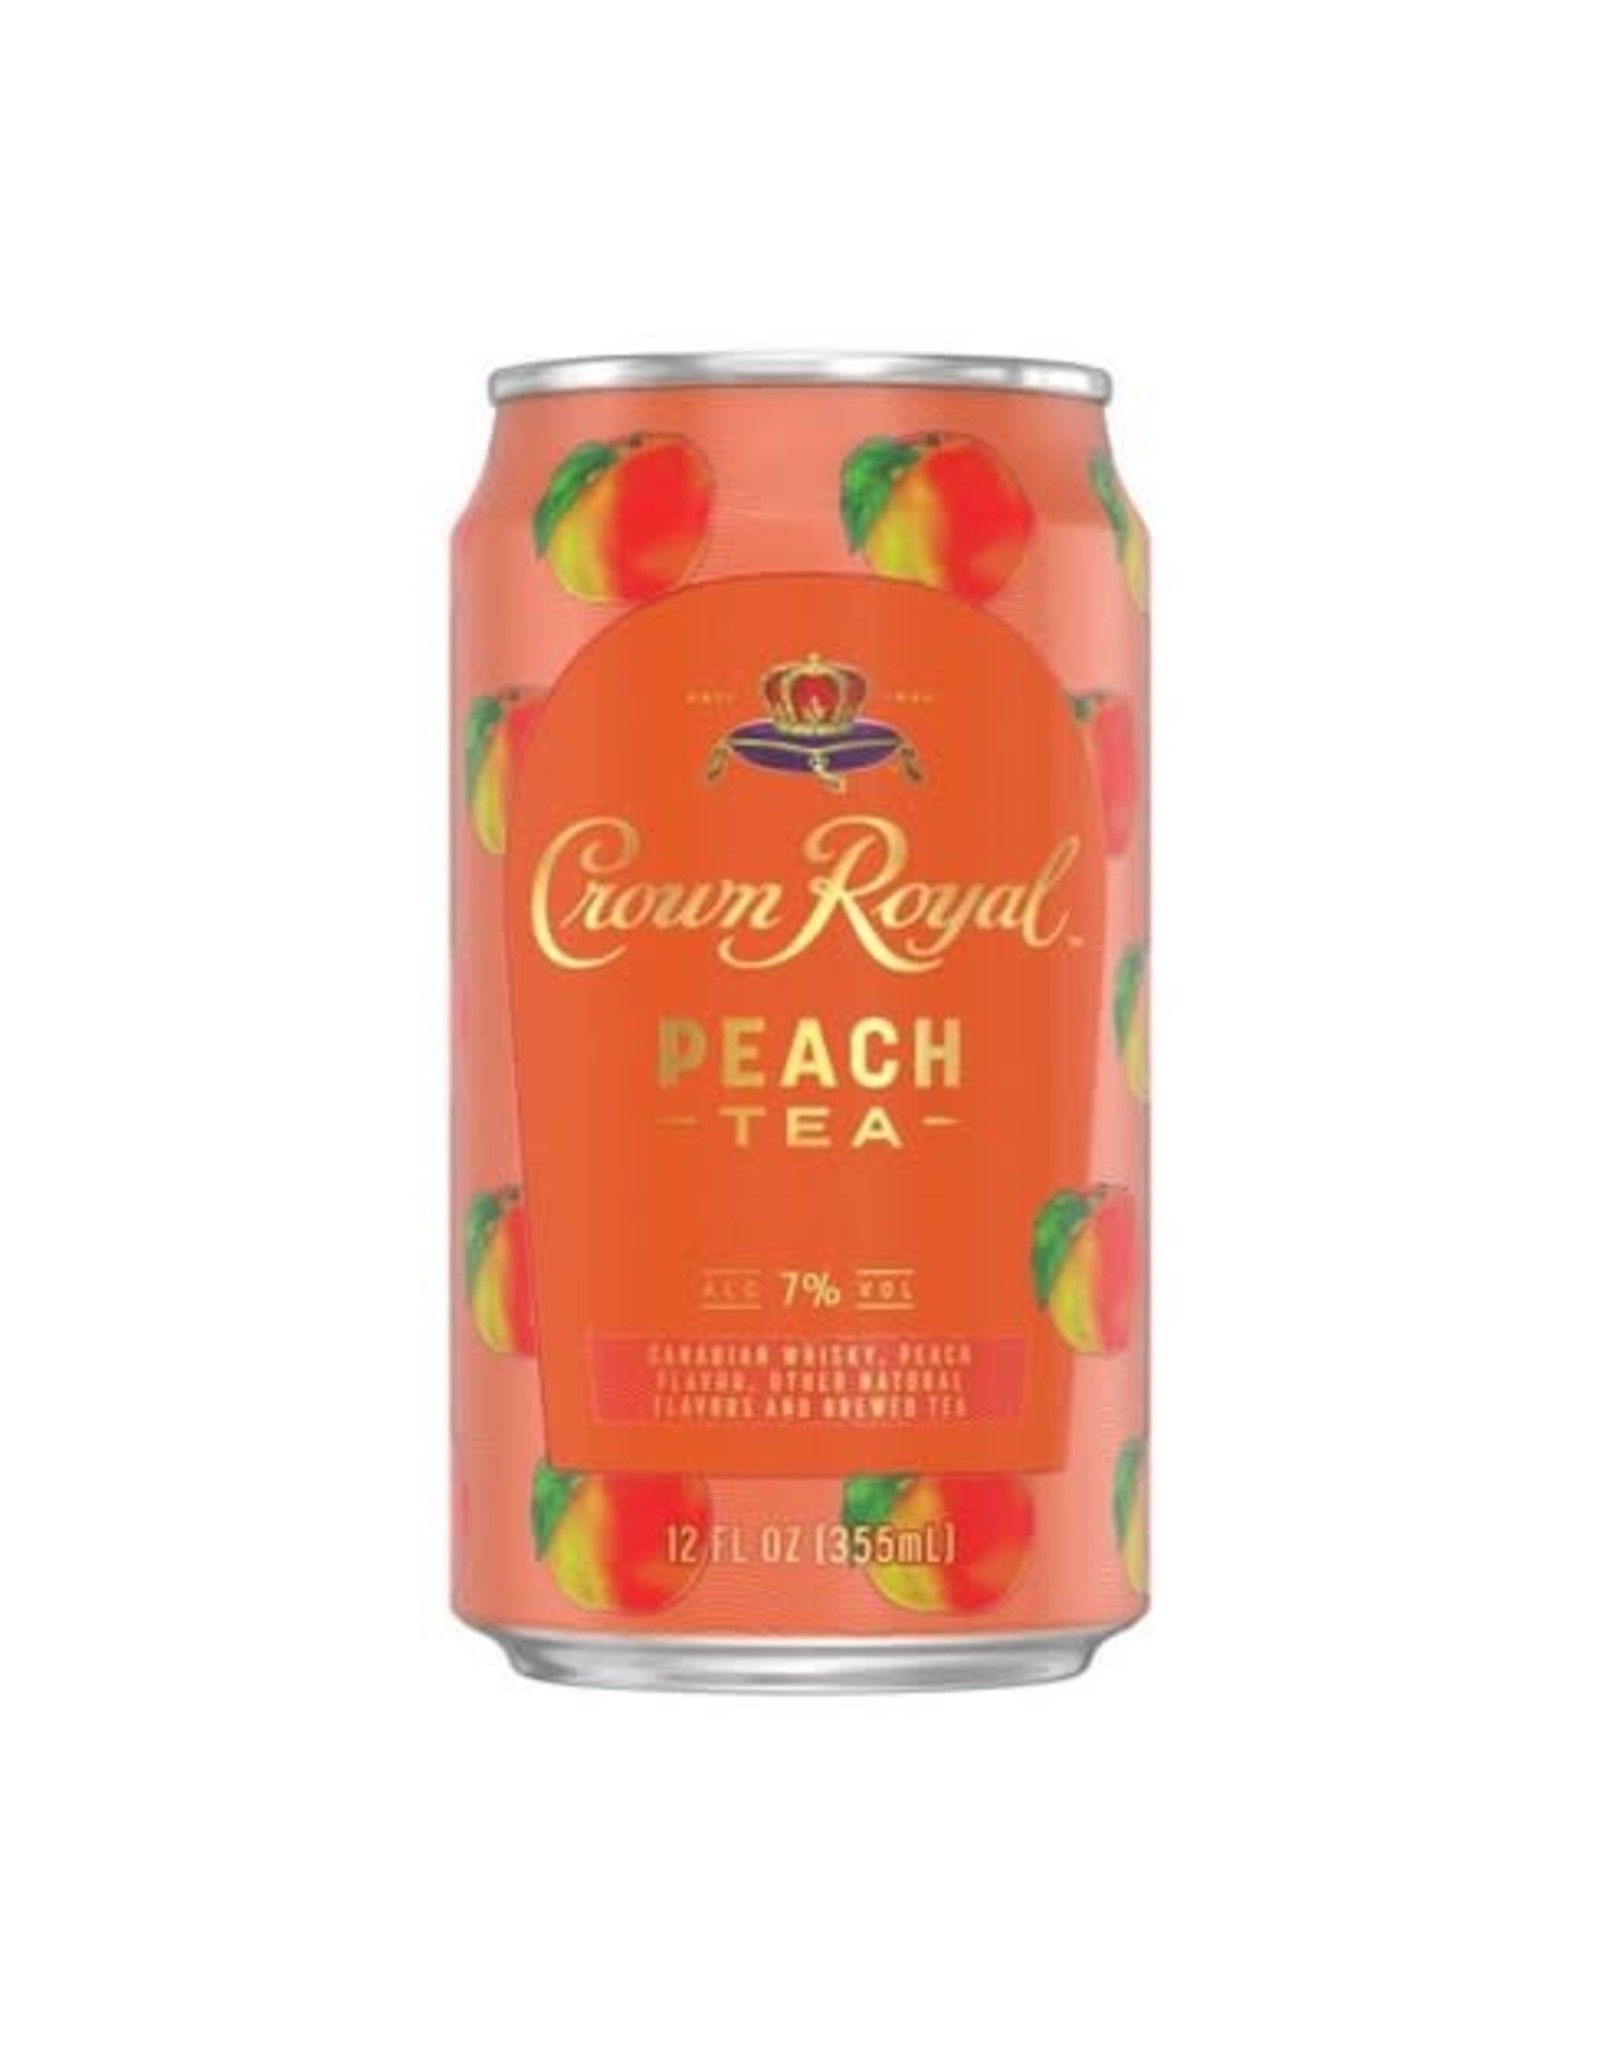 Crown Royal Peach Tea single